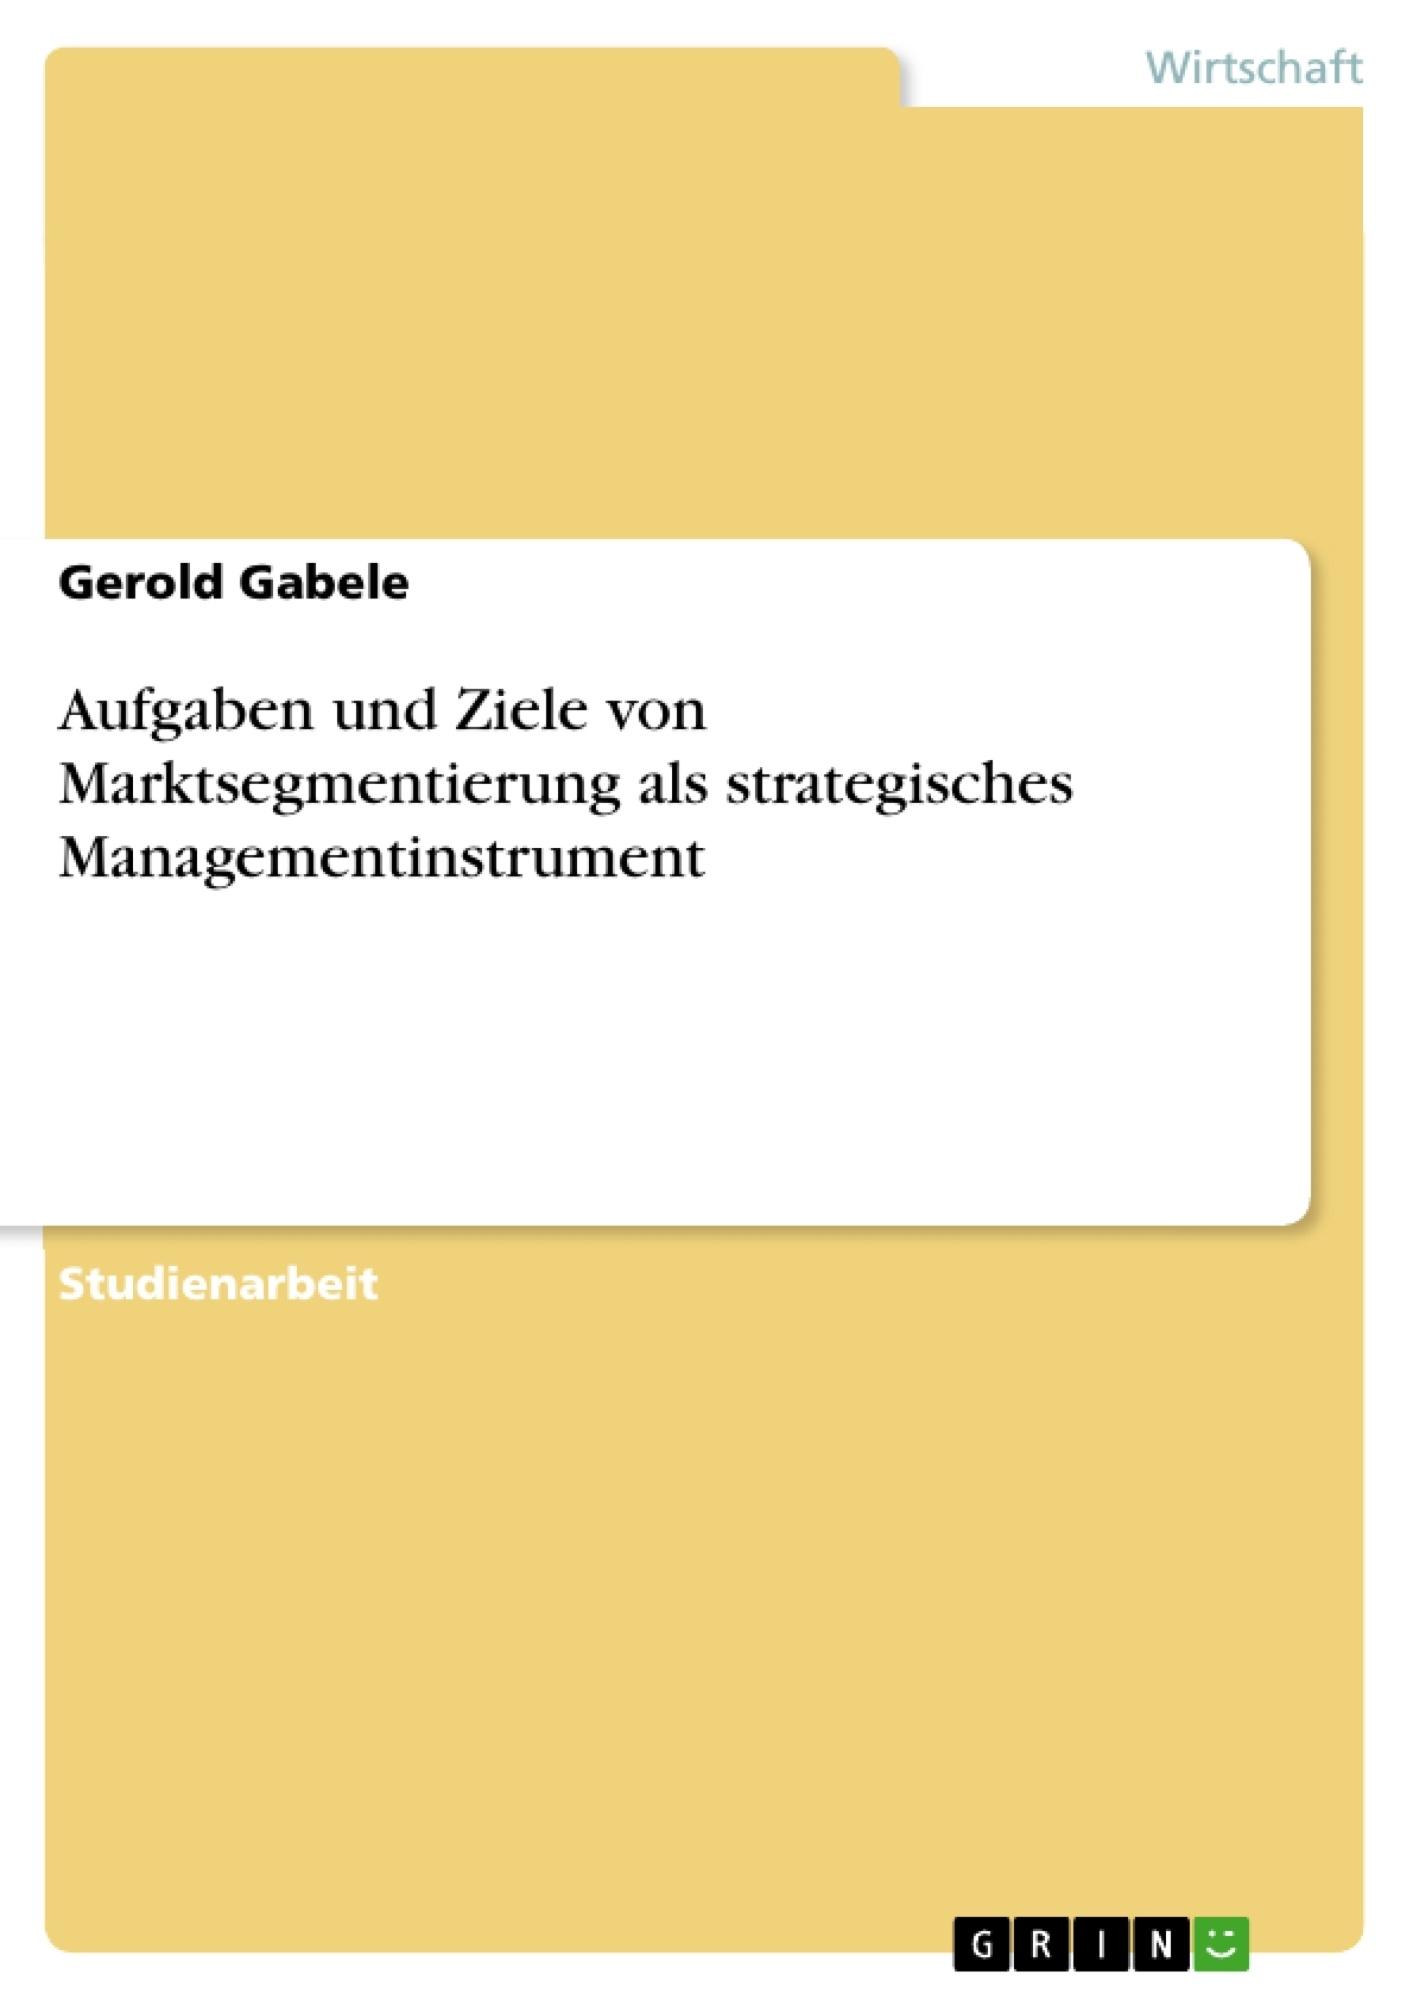 Titel: Aufgaben und Ziele von Marktsegmentierung als strategisches Managementinstrument